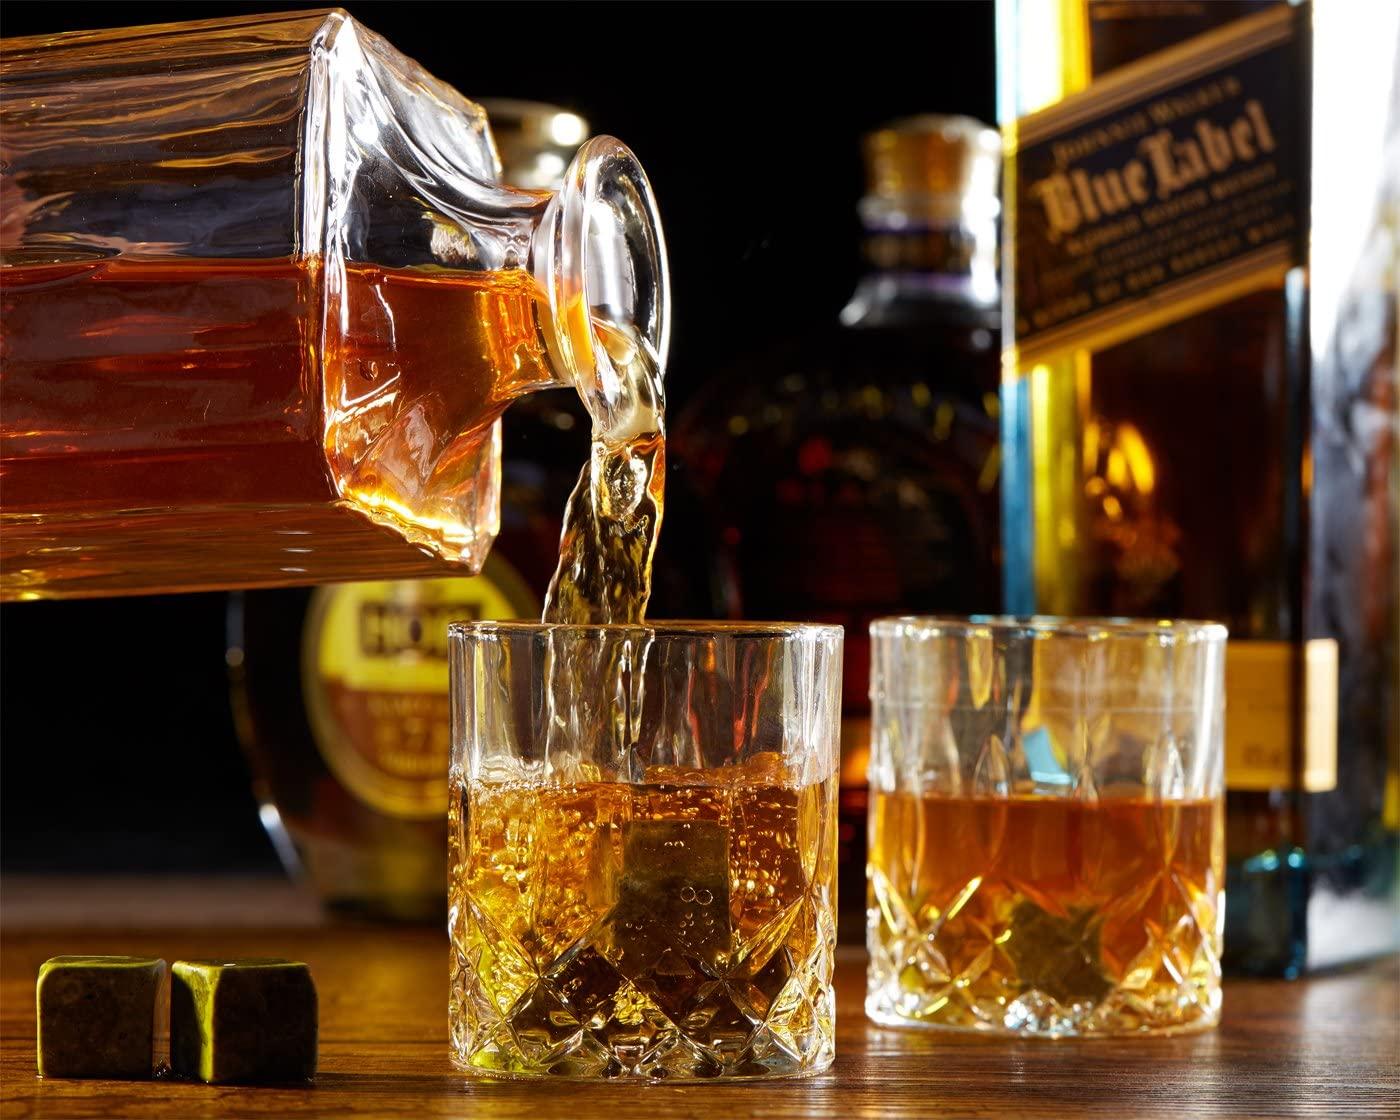 Beber whisky con rocas